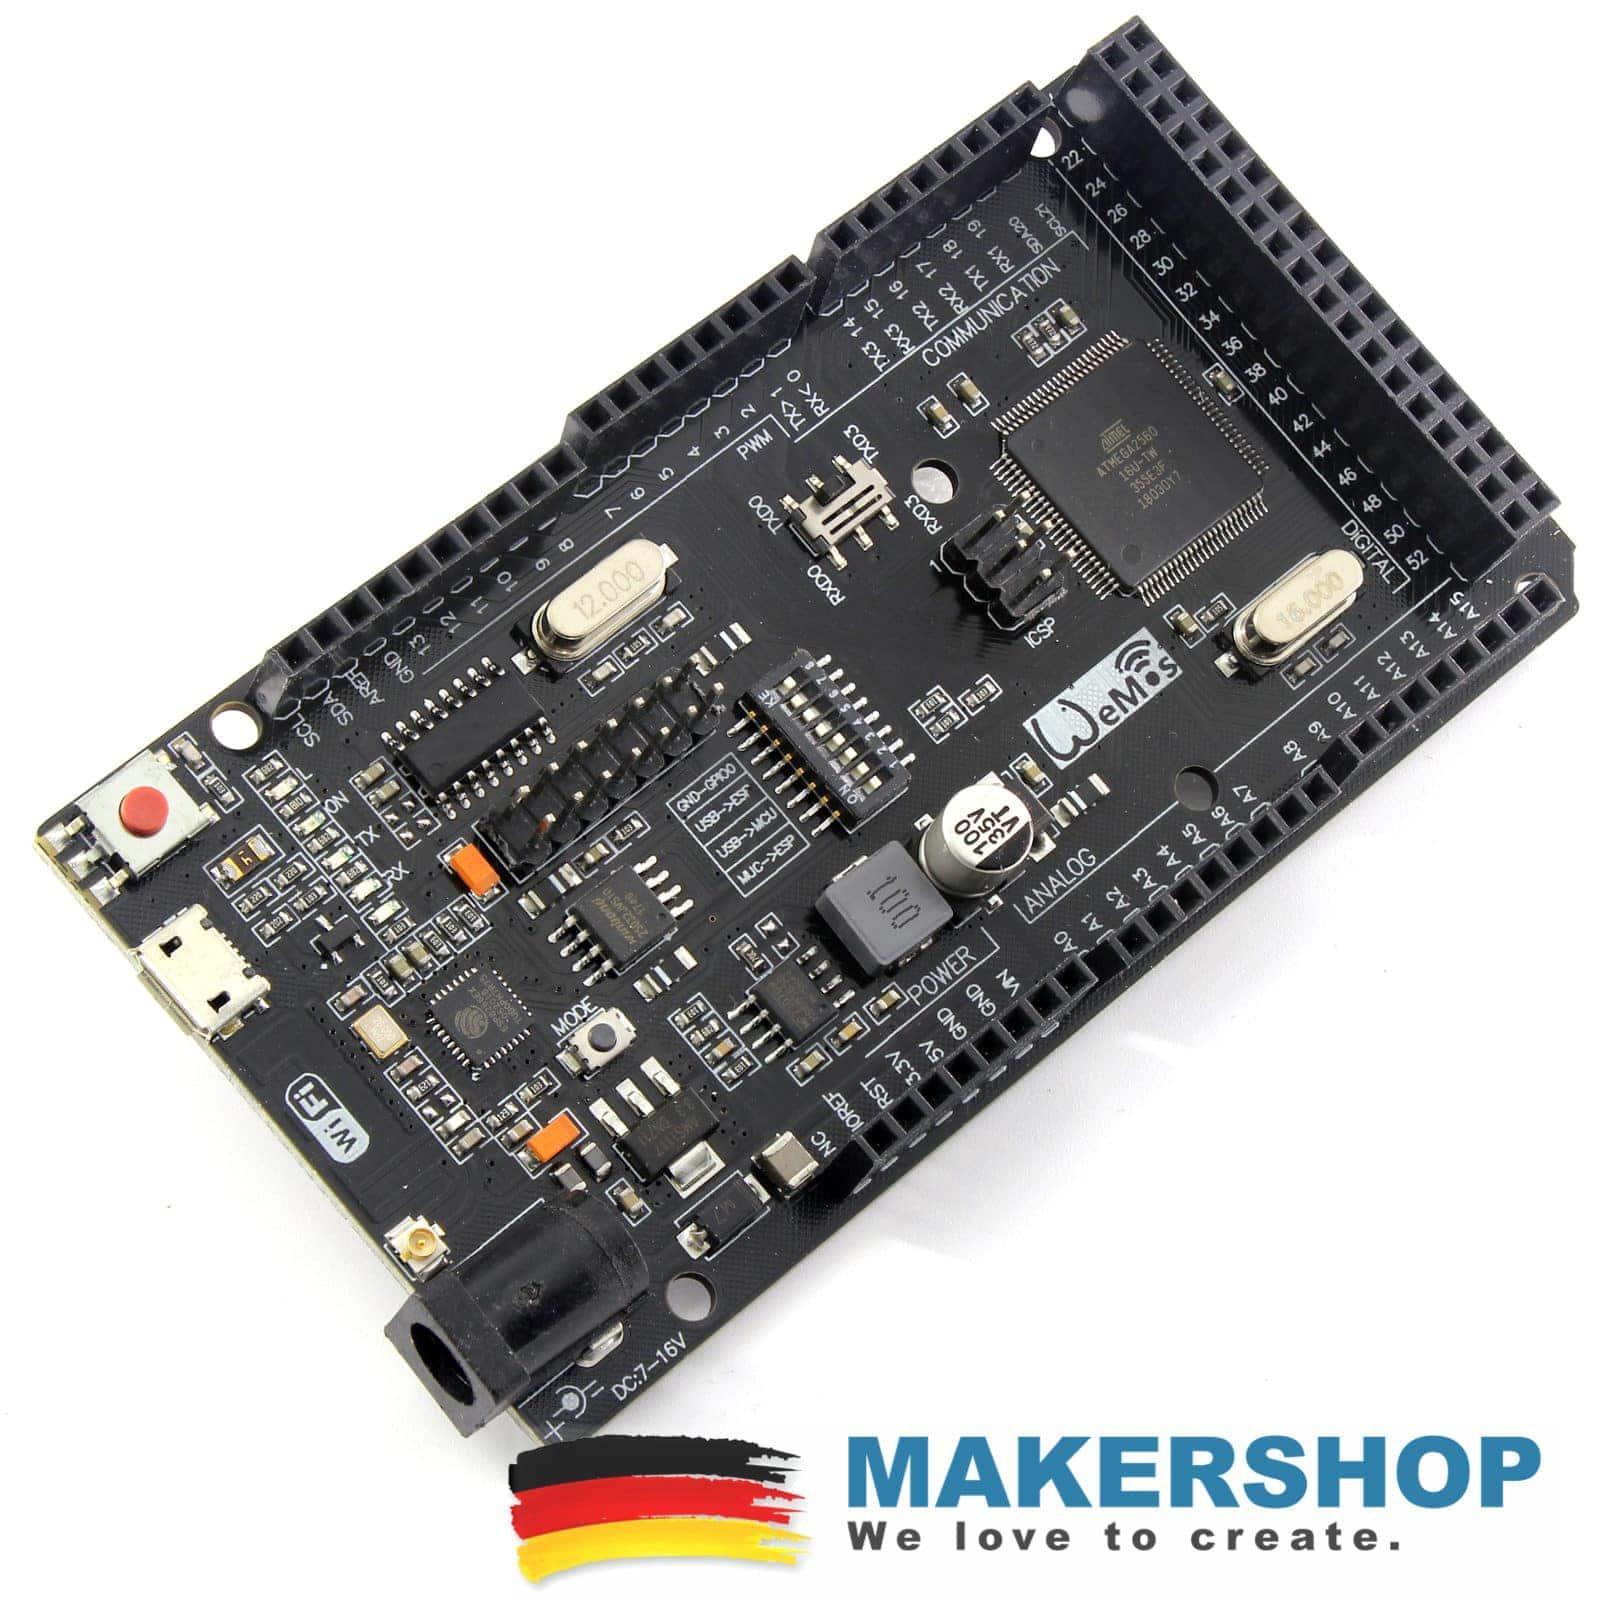 Arduino Mega 2560 WLAN WIFI Board